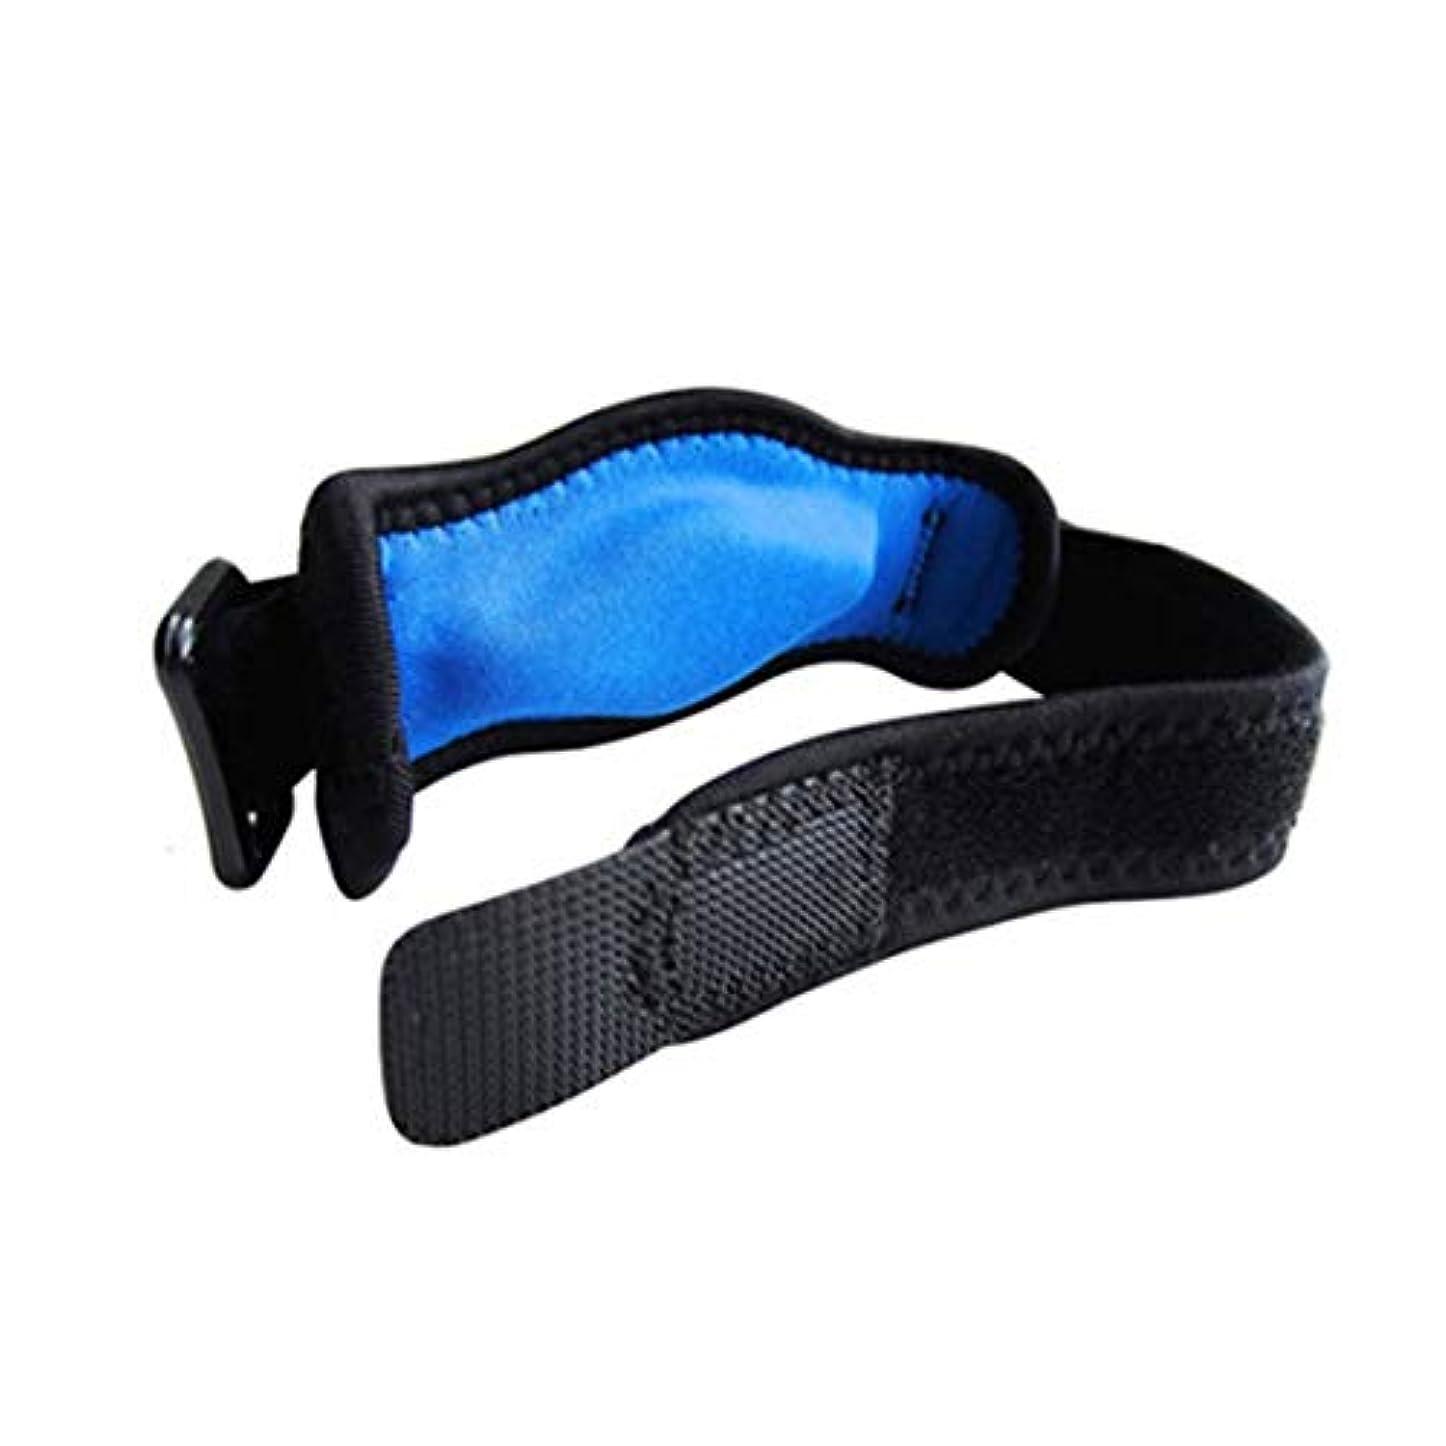 電子早熟克服する調整可能なテニス肘サポートストラップブレースゴルフ前腕の痛みの軽減-ブラック